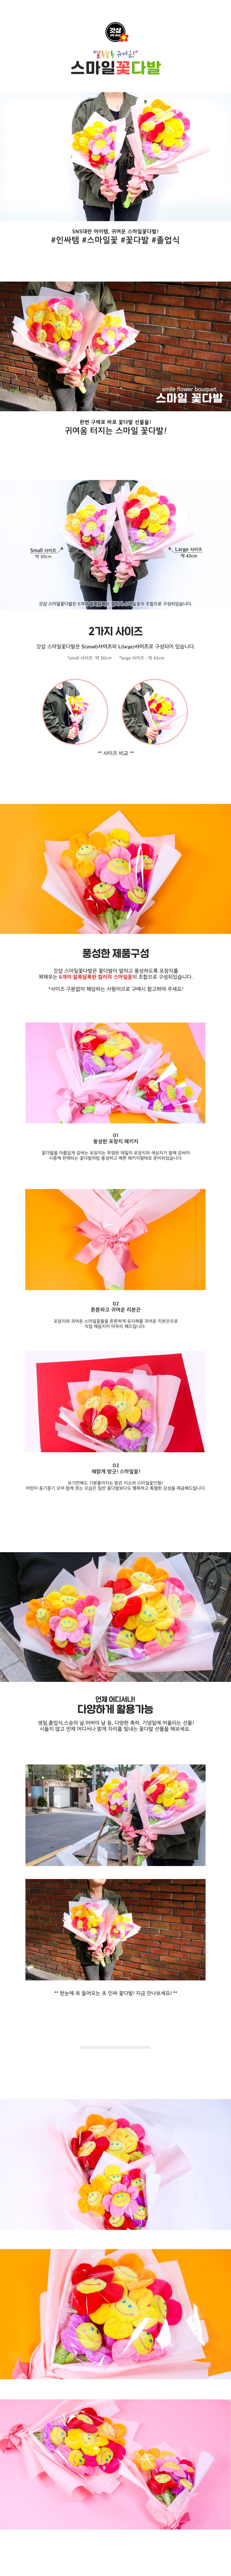 스마일 꽃 인형 꽃다발 2size 졸업식 성년의날 선물 - 갓샵, 18,500원, 장식소품, 기타 소품